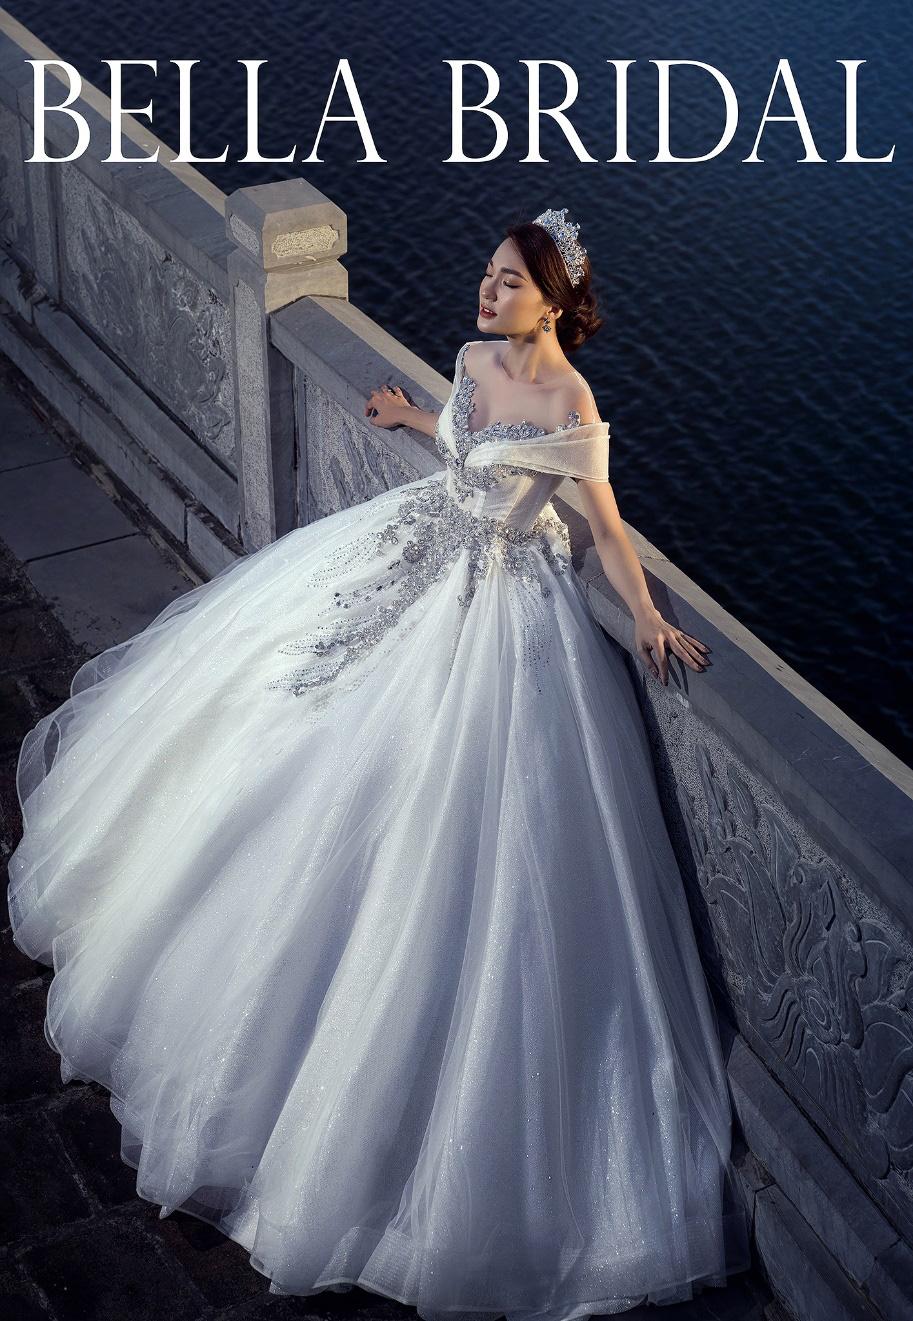 Hoa hậu ảnh Ngọc Nữ diện váy cưới kim cương trị giá gần 1 tỷ đồng hóa công chúa lộng lẫy tại sự kiện khai trương - Ảnh 3.